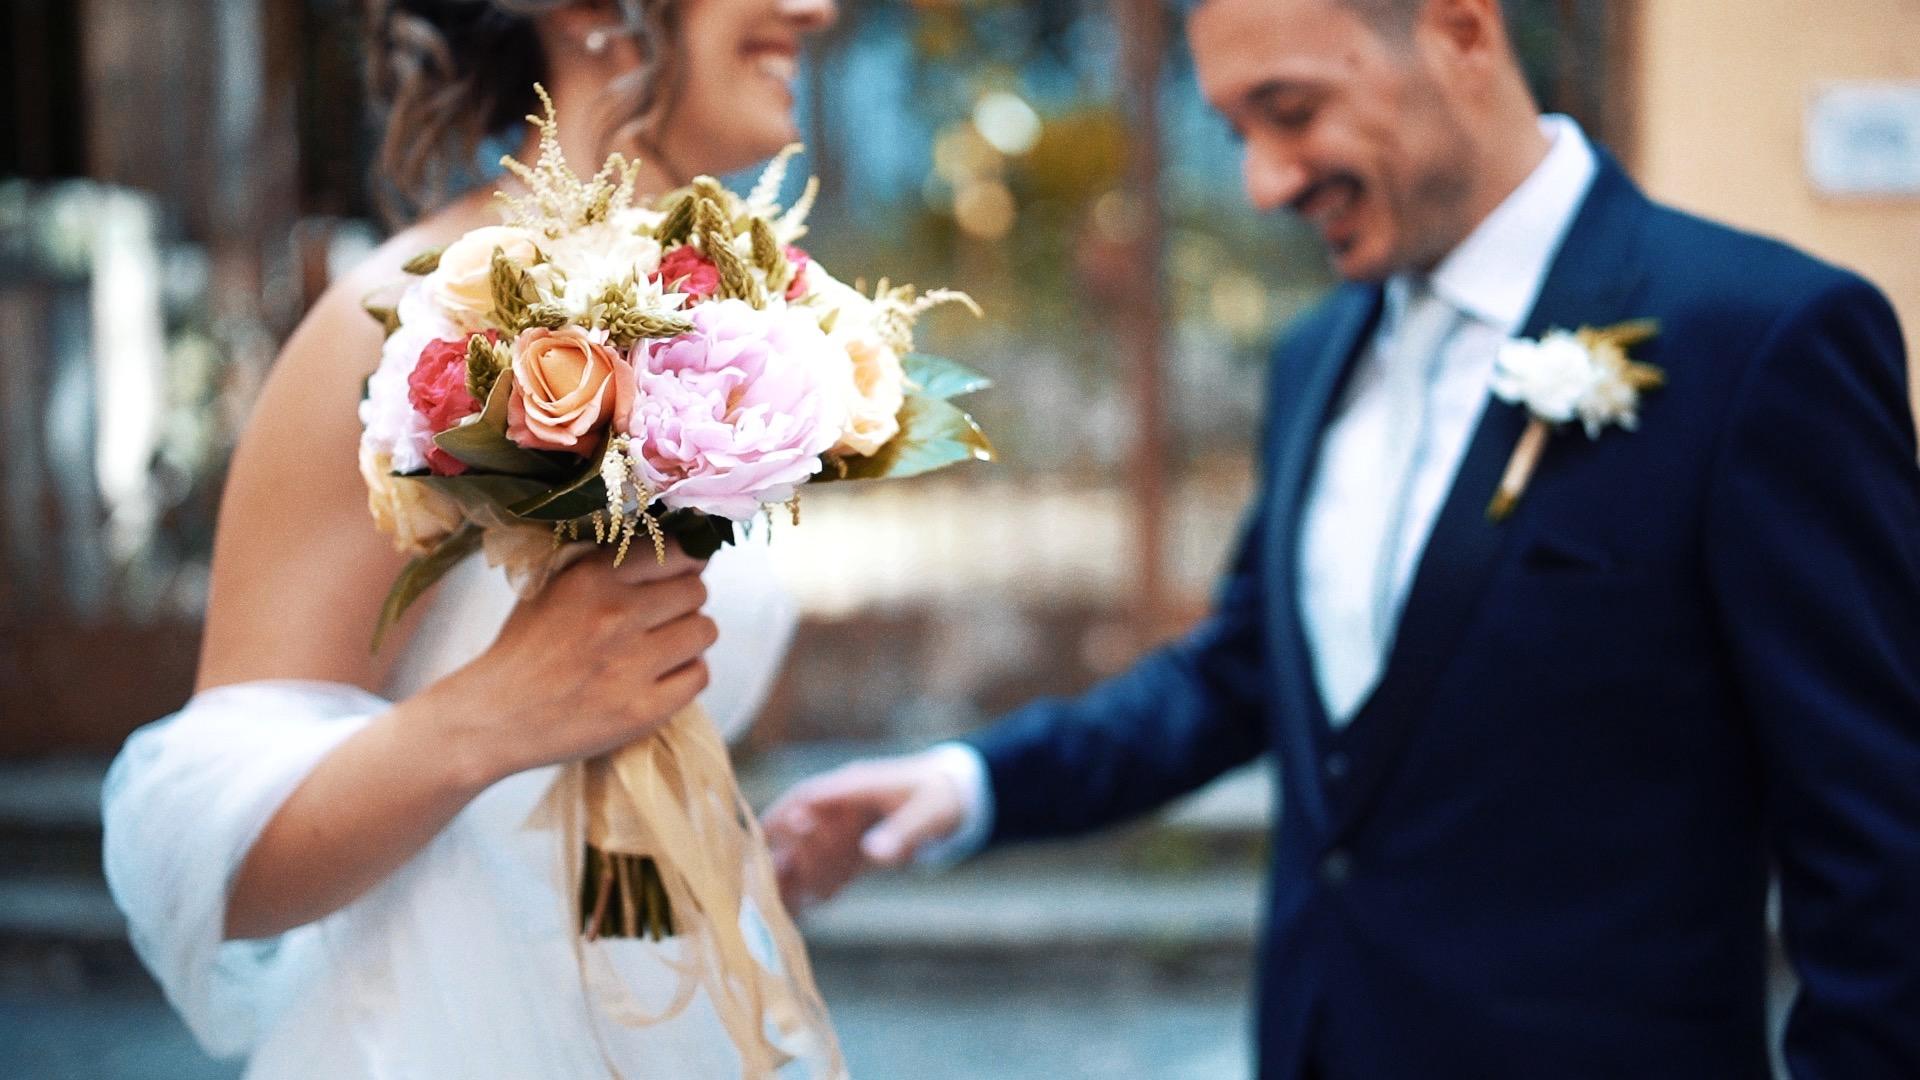 bouquet colorato nelle mani di una sposa mentre incontra per la prima volta il suo futuro marito in abito elegante